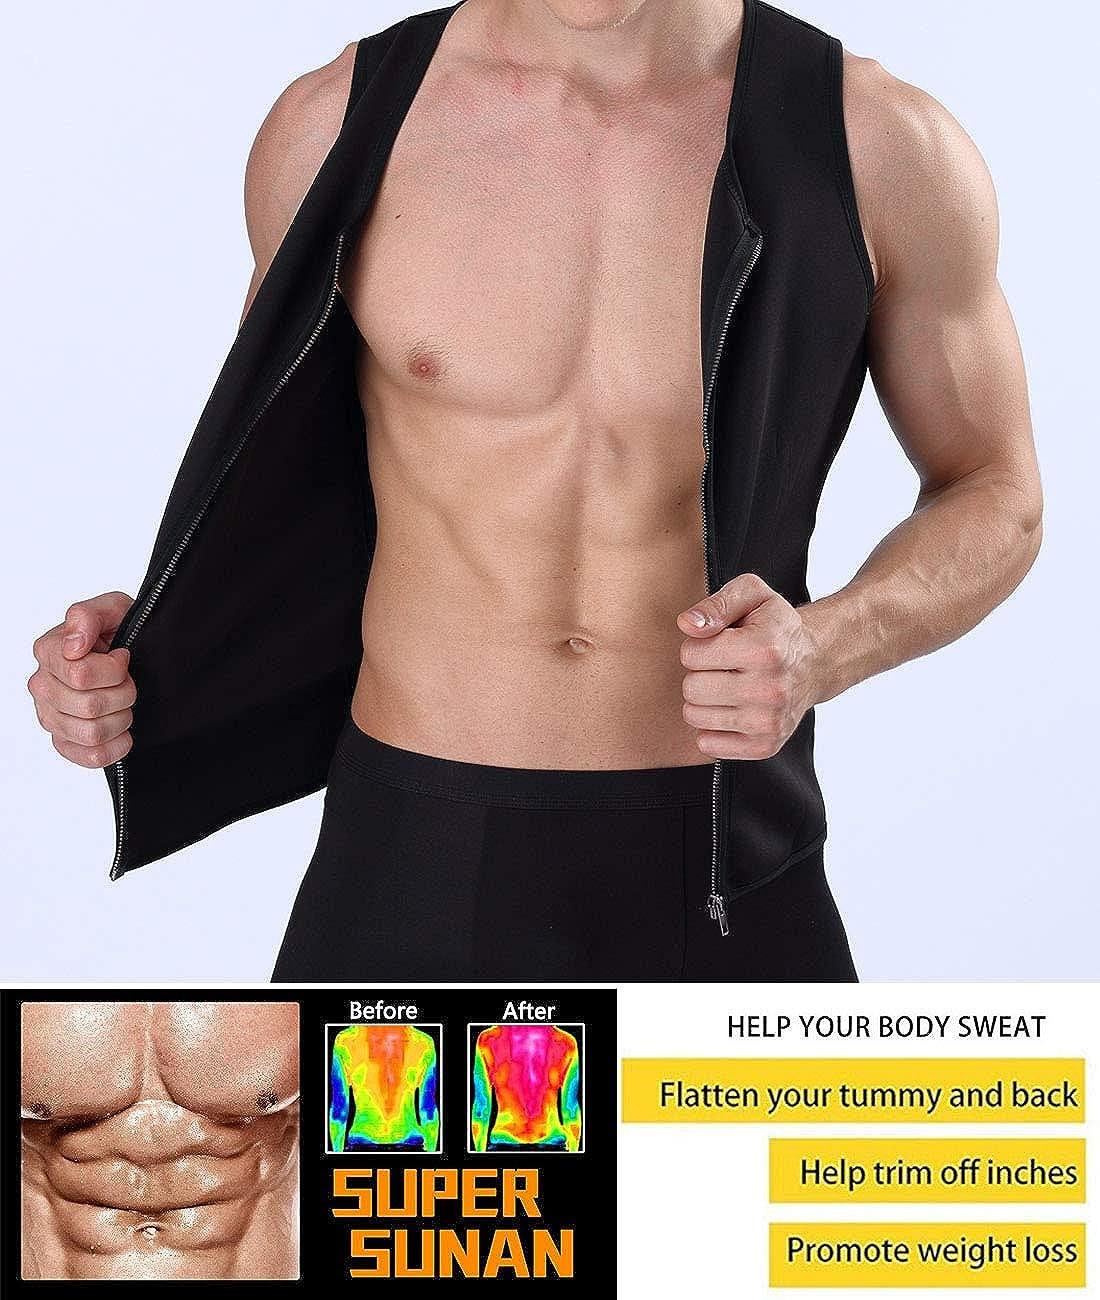 8686a43a22 Amazon.com  Men Waist Trainer Vest for Weightloss Hot Neoprene Corset Body  Shaper Zipper Sauna Tank Top Workout Shirt Fitness Sweat Suit  Clothing